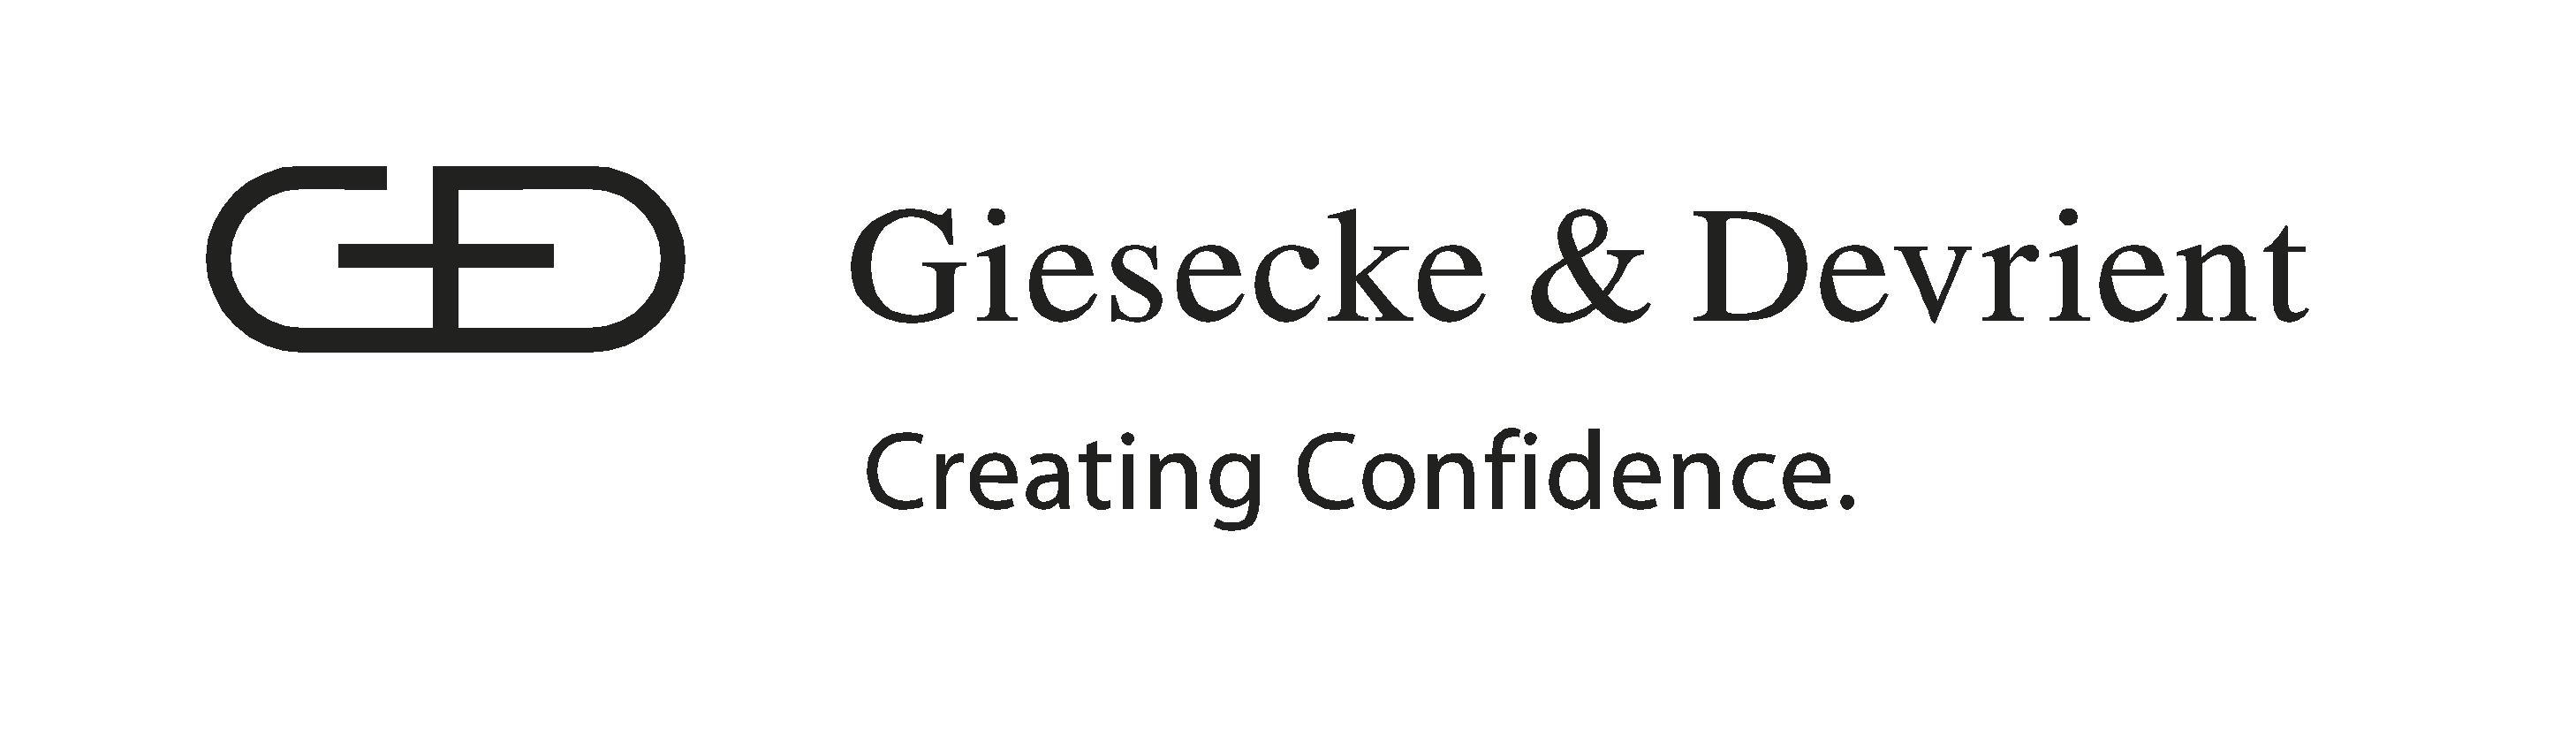 Giesecke & Devrient asegura la vida móvil: en el coche, al pagar y en la nube